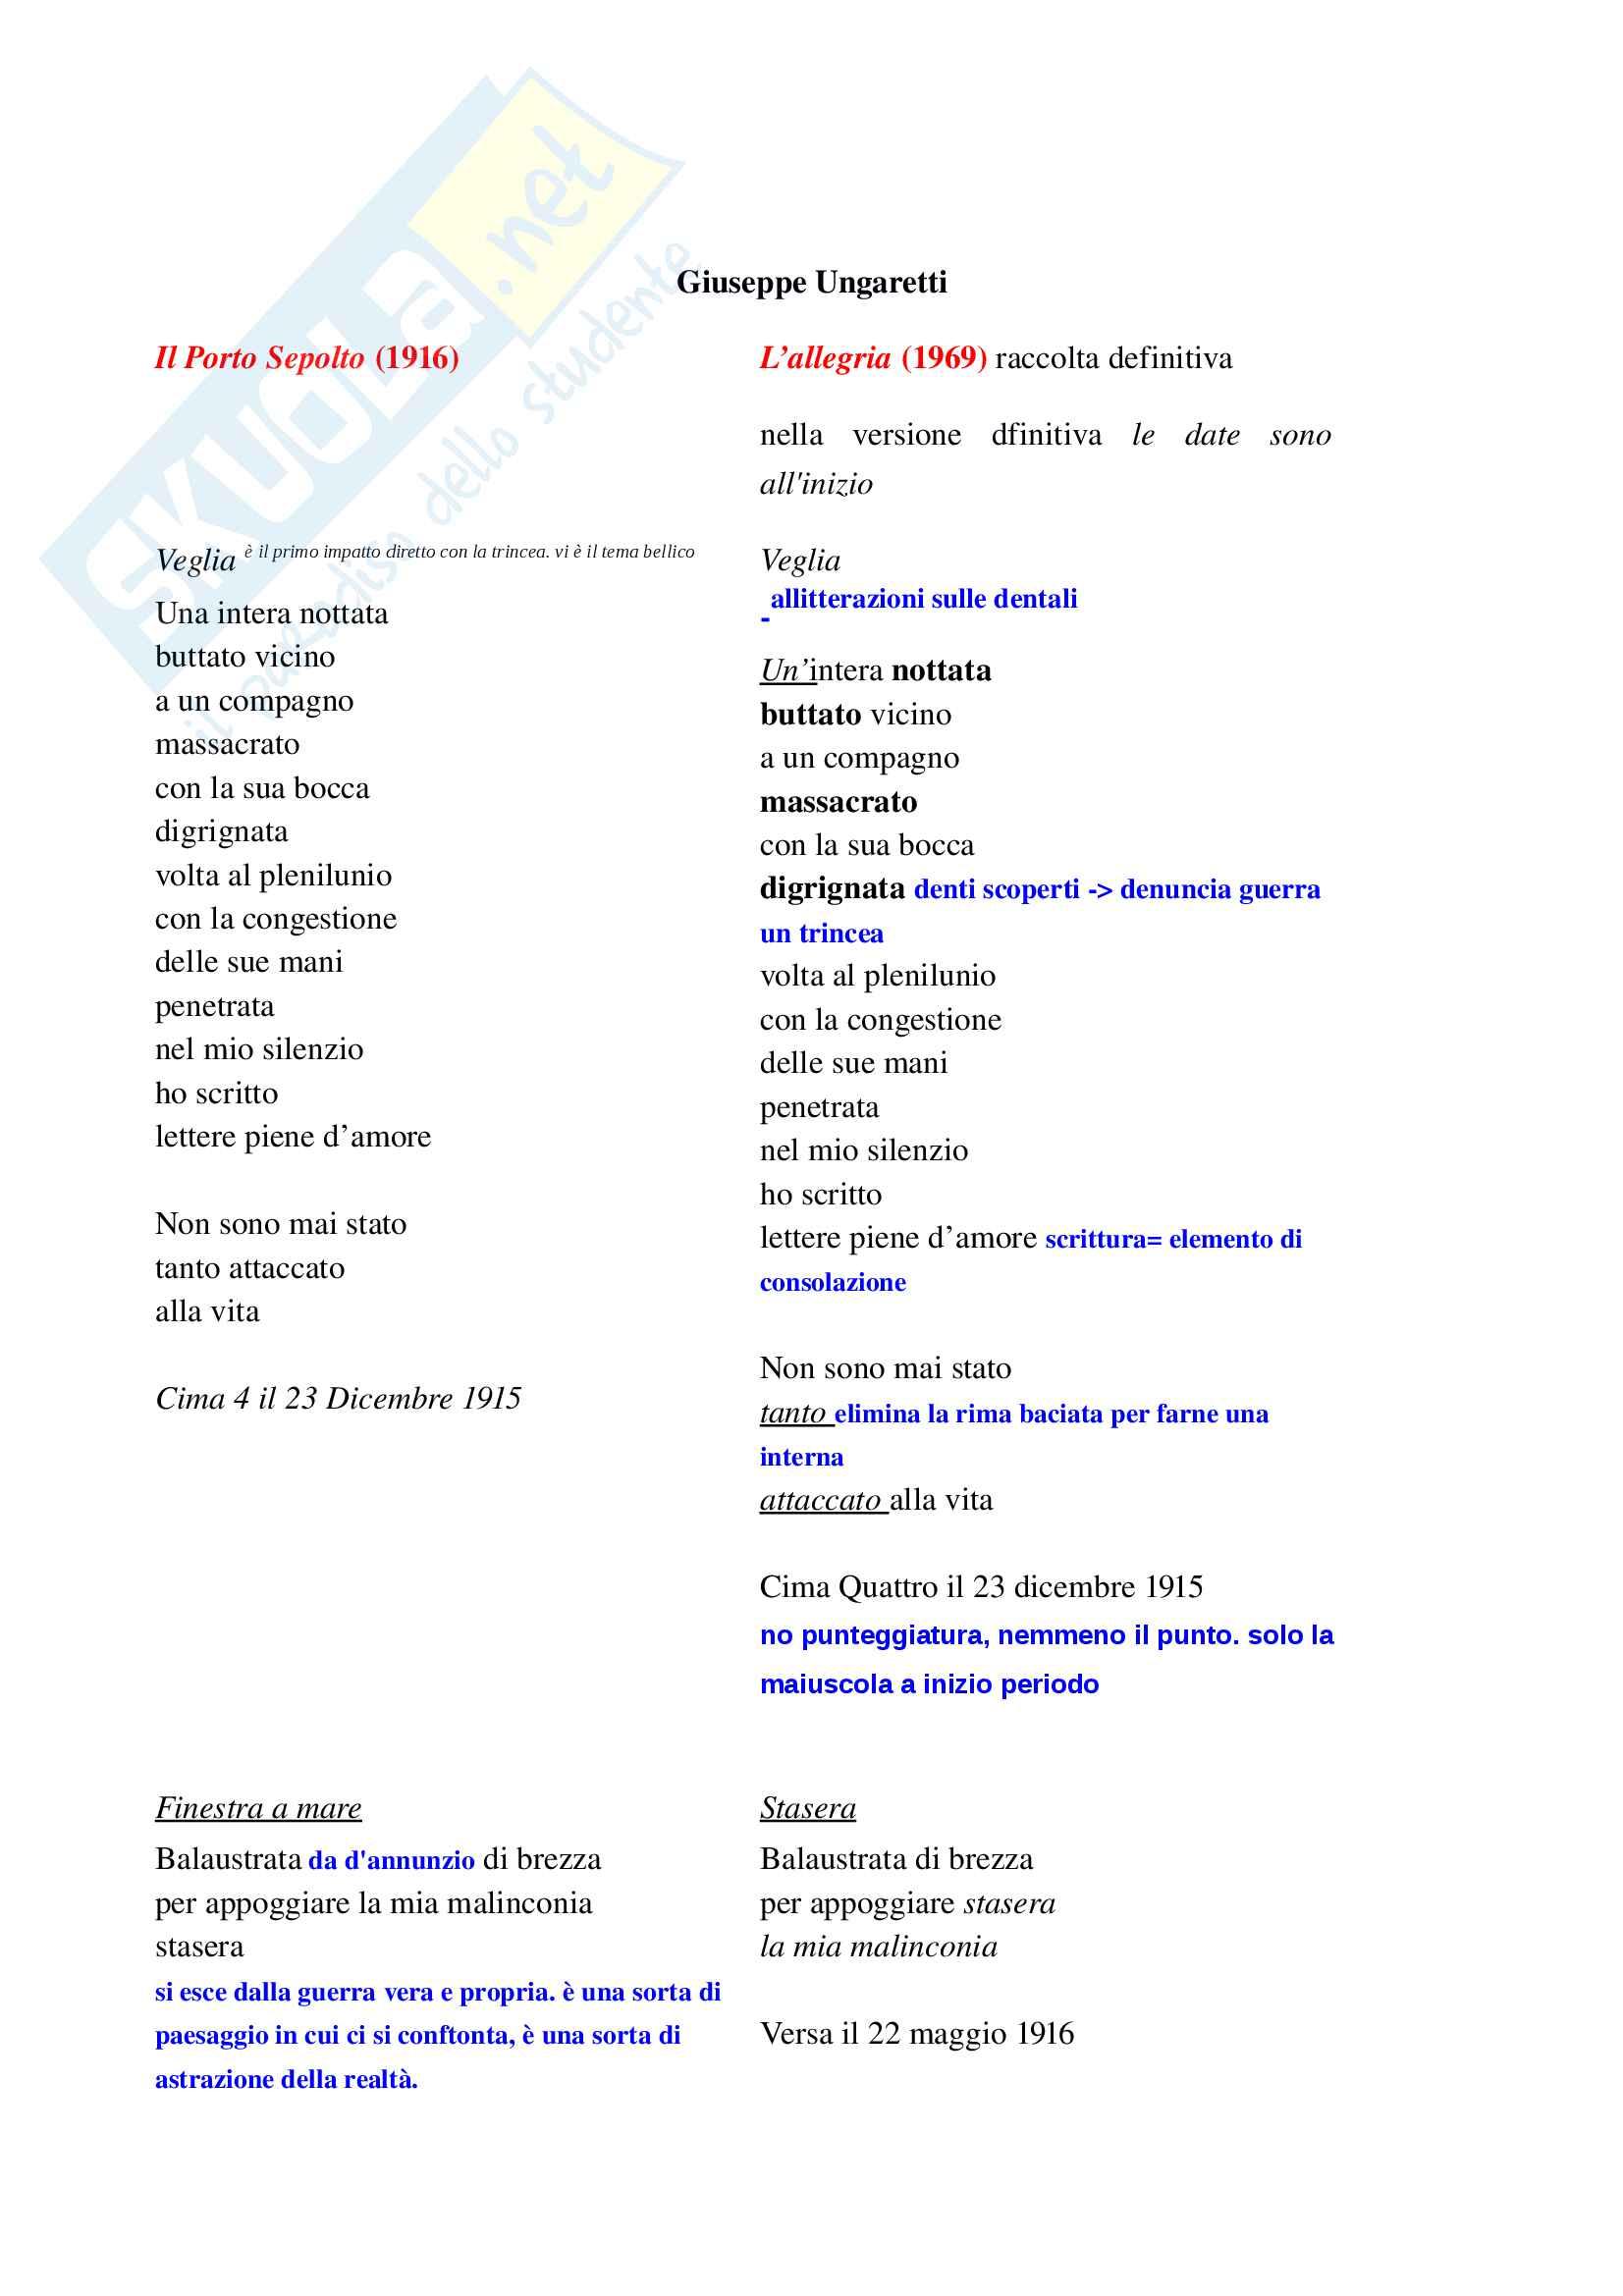 Il porto sepolto: analisi poesie Ungaretti (lezione 9 e 10)